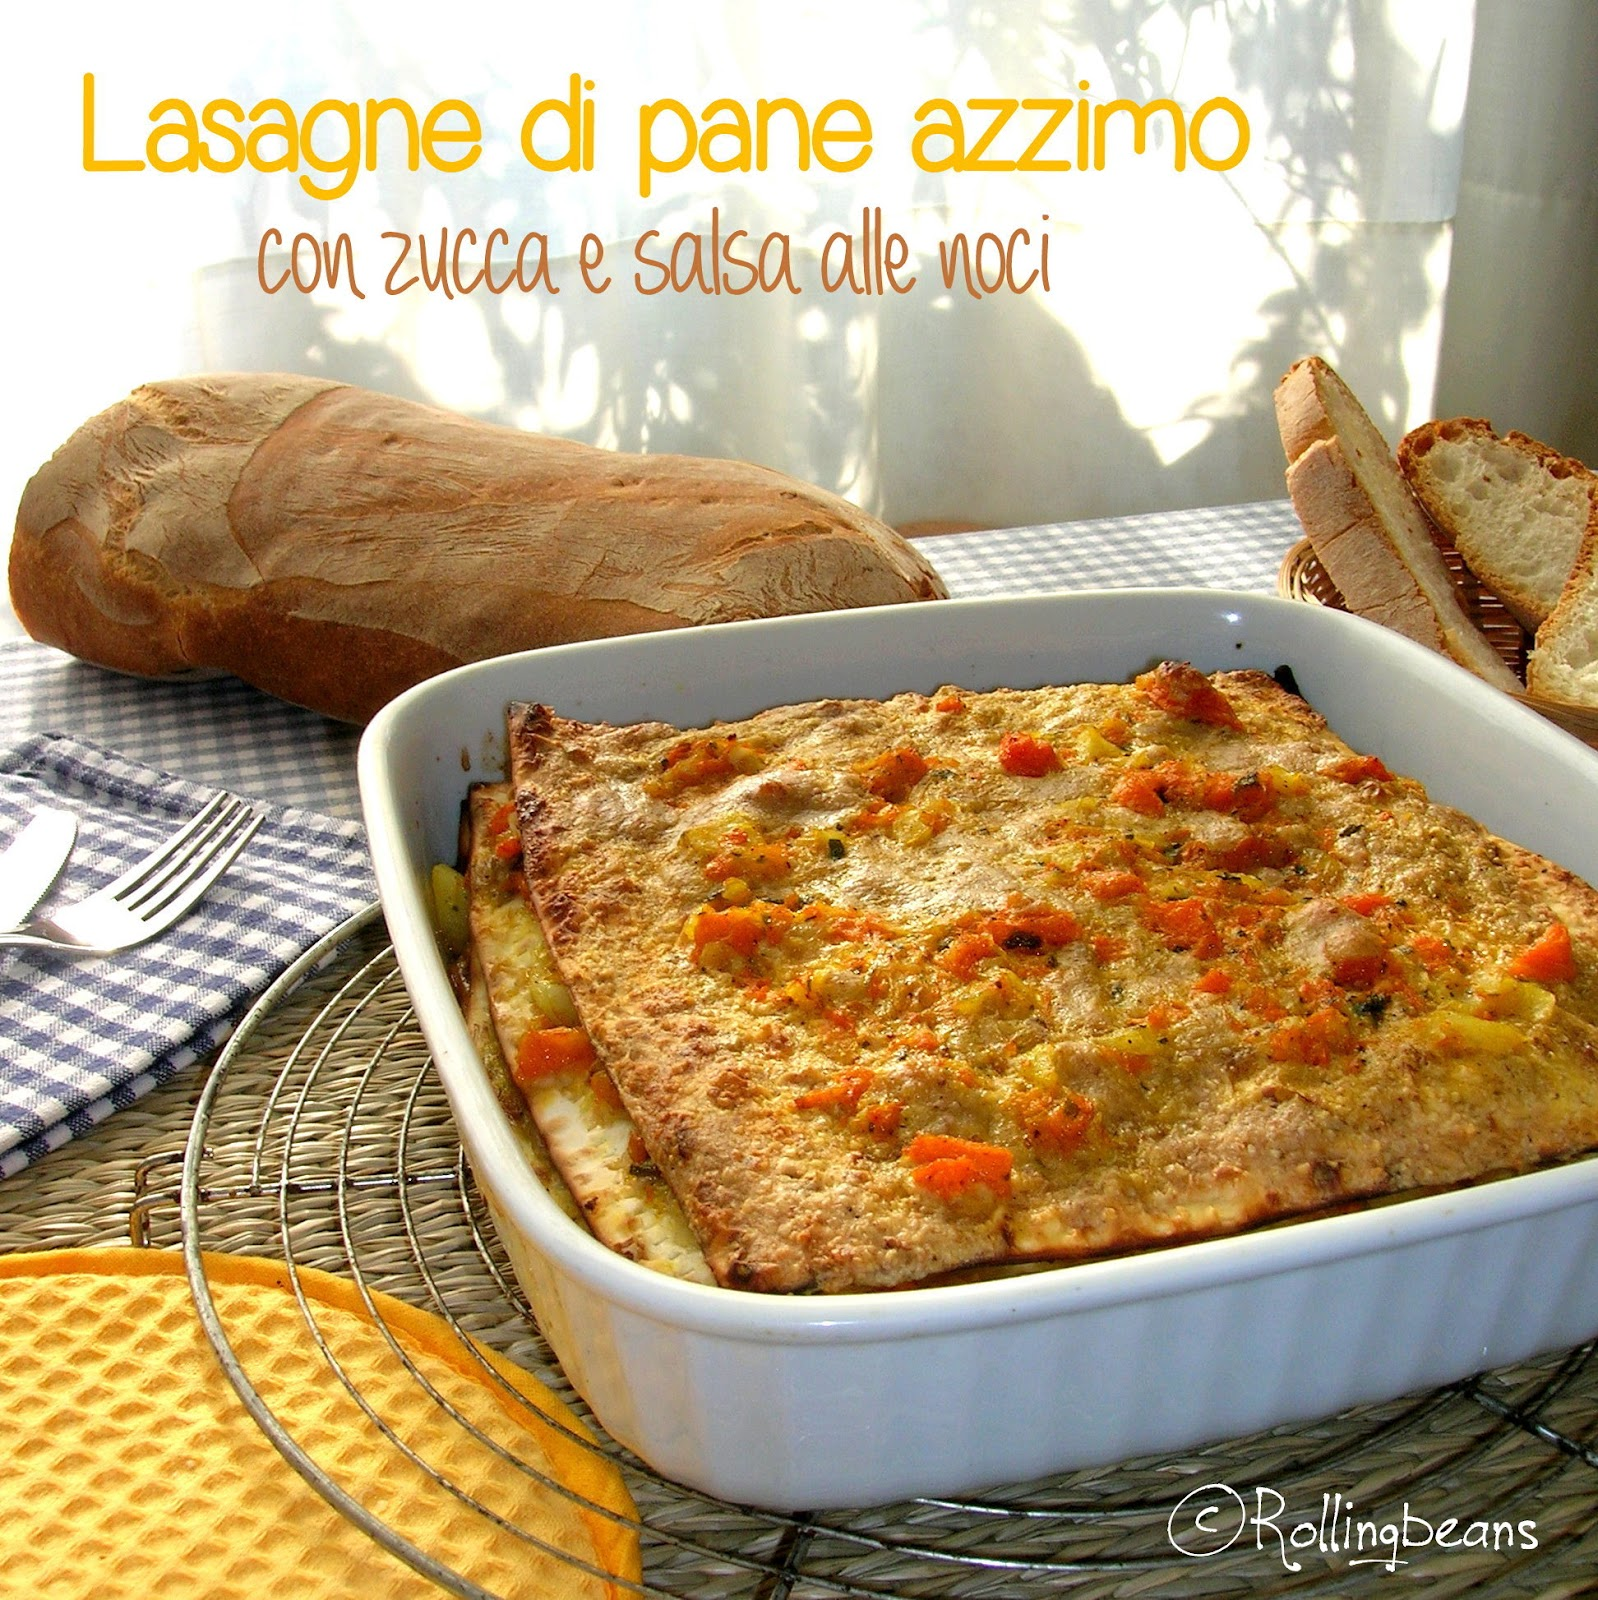 lasagne di pane azzimo con zucca e salsa alle noci (vegan)